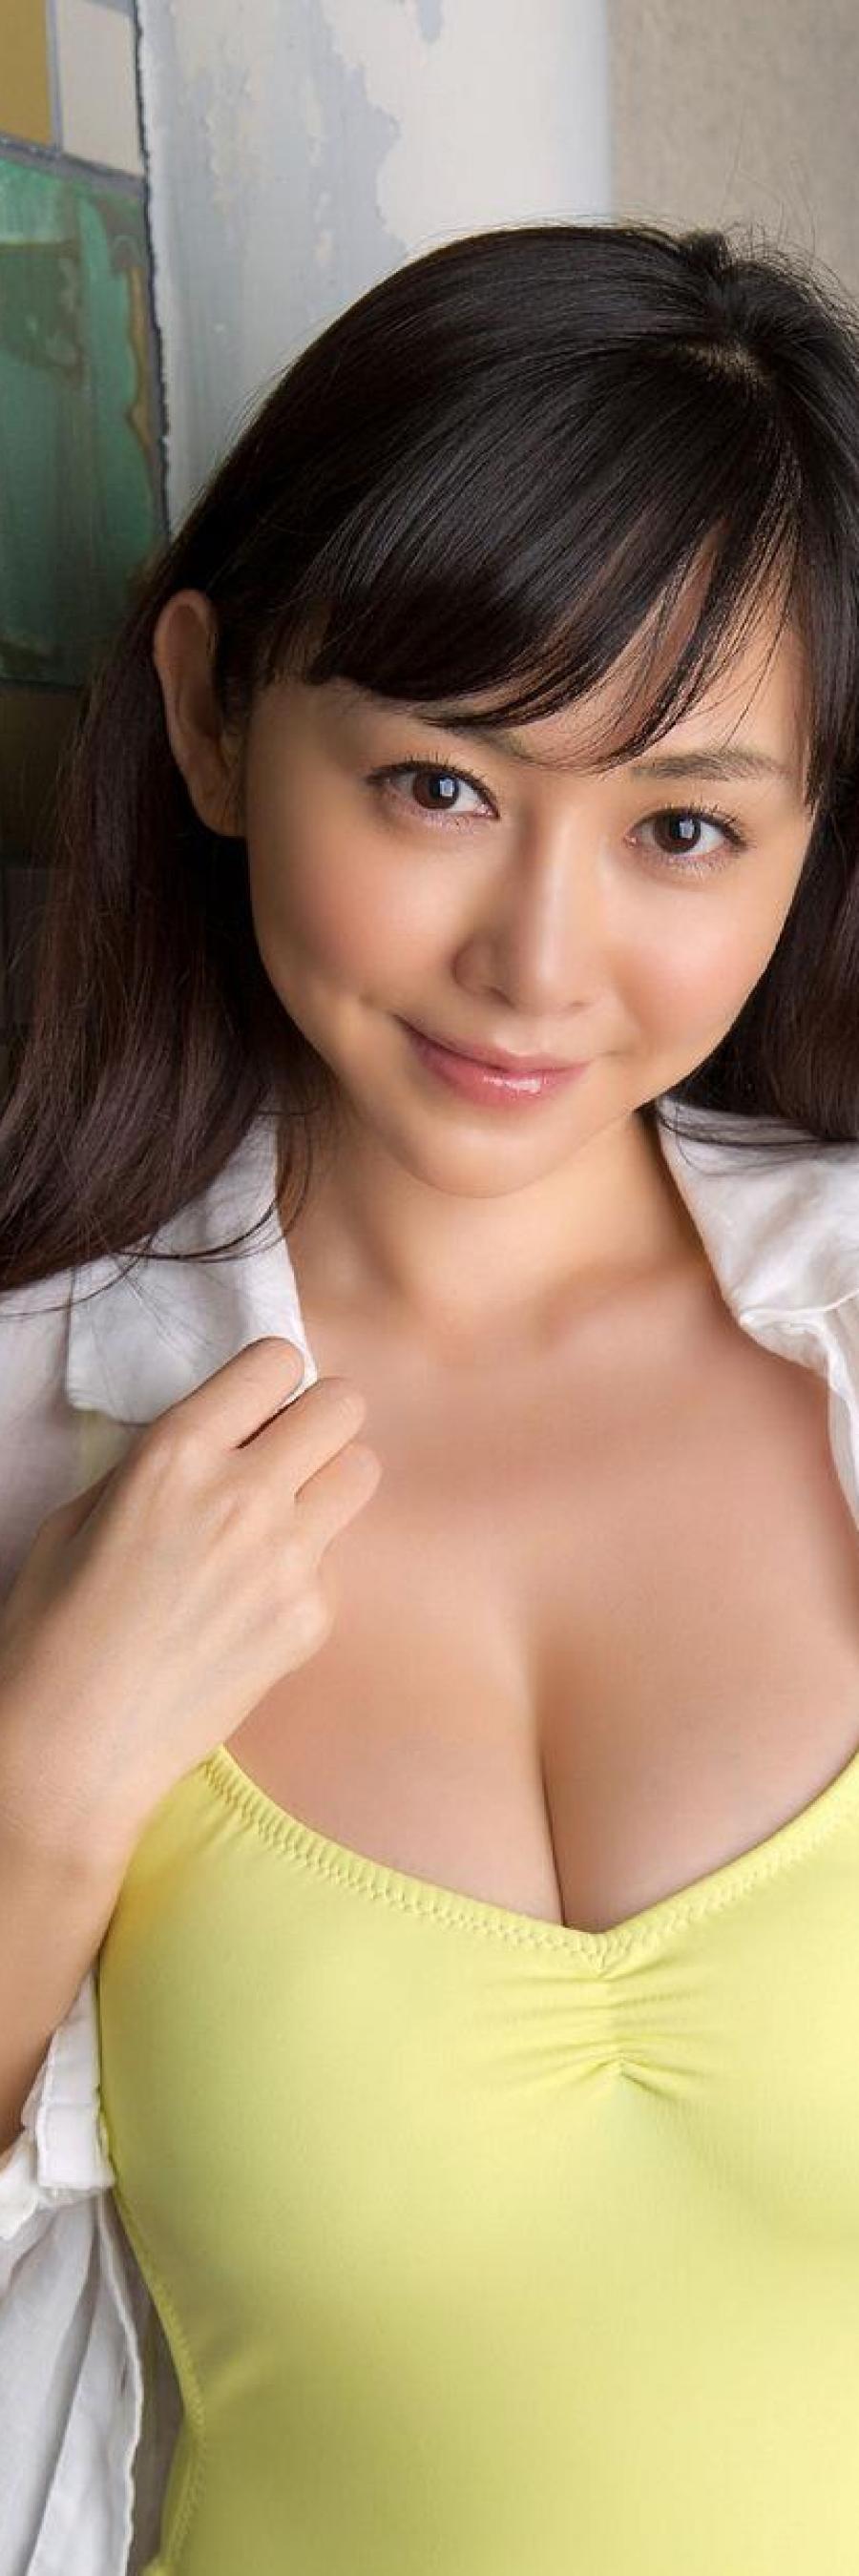 杉原杏璃さんの画像その117